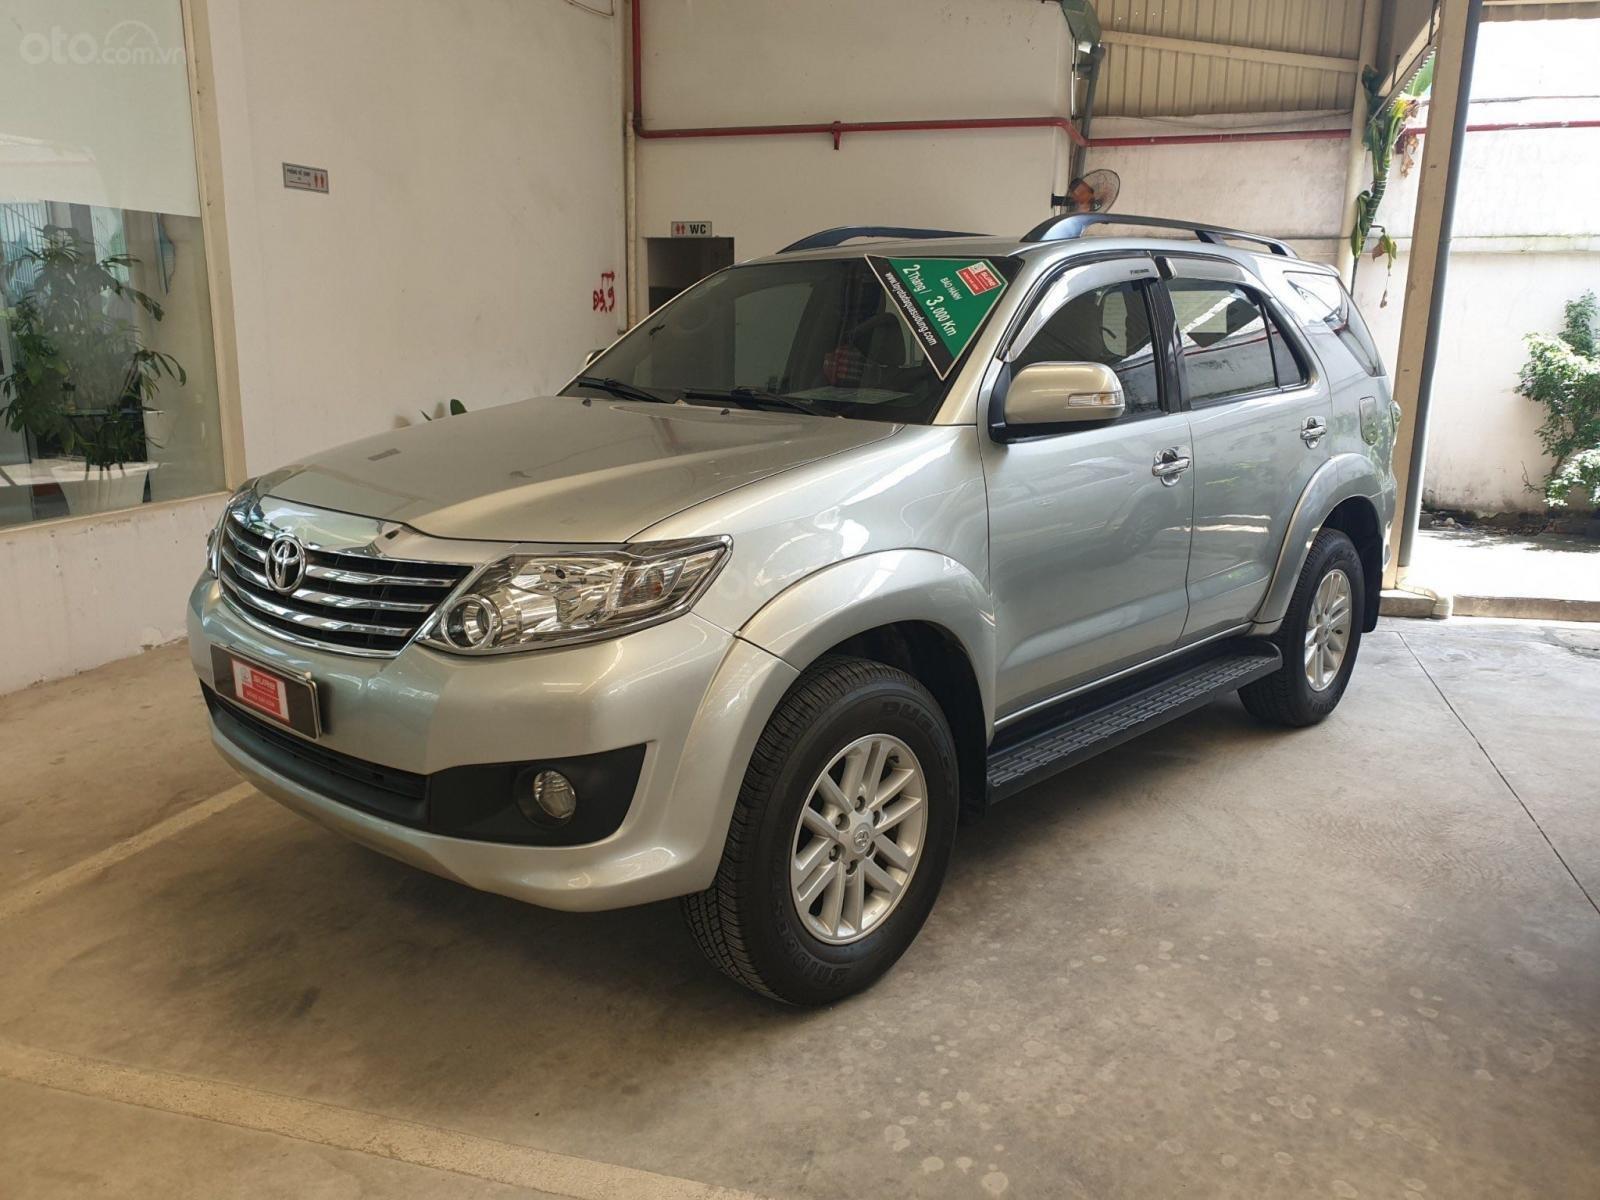 Fortuner 2012 đẹp keng, xe gia đình sử dụng kĩ (2)